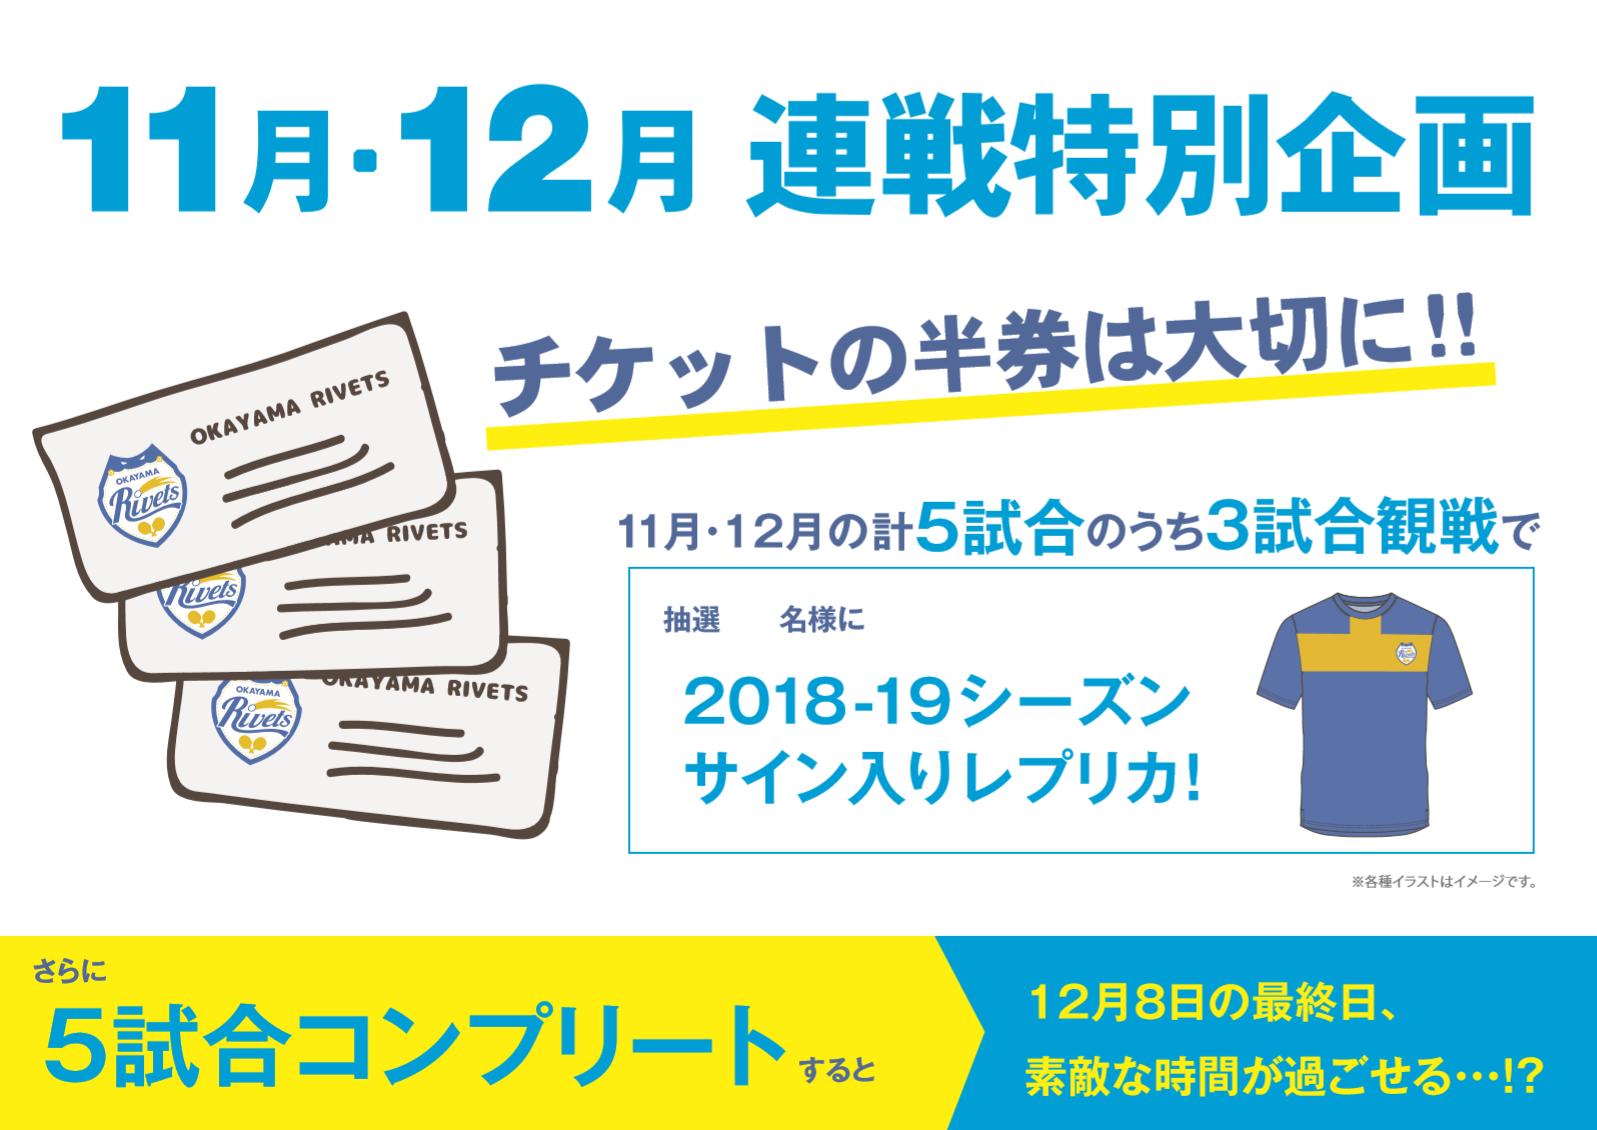 岡山リベッツキャンペーン